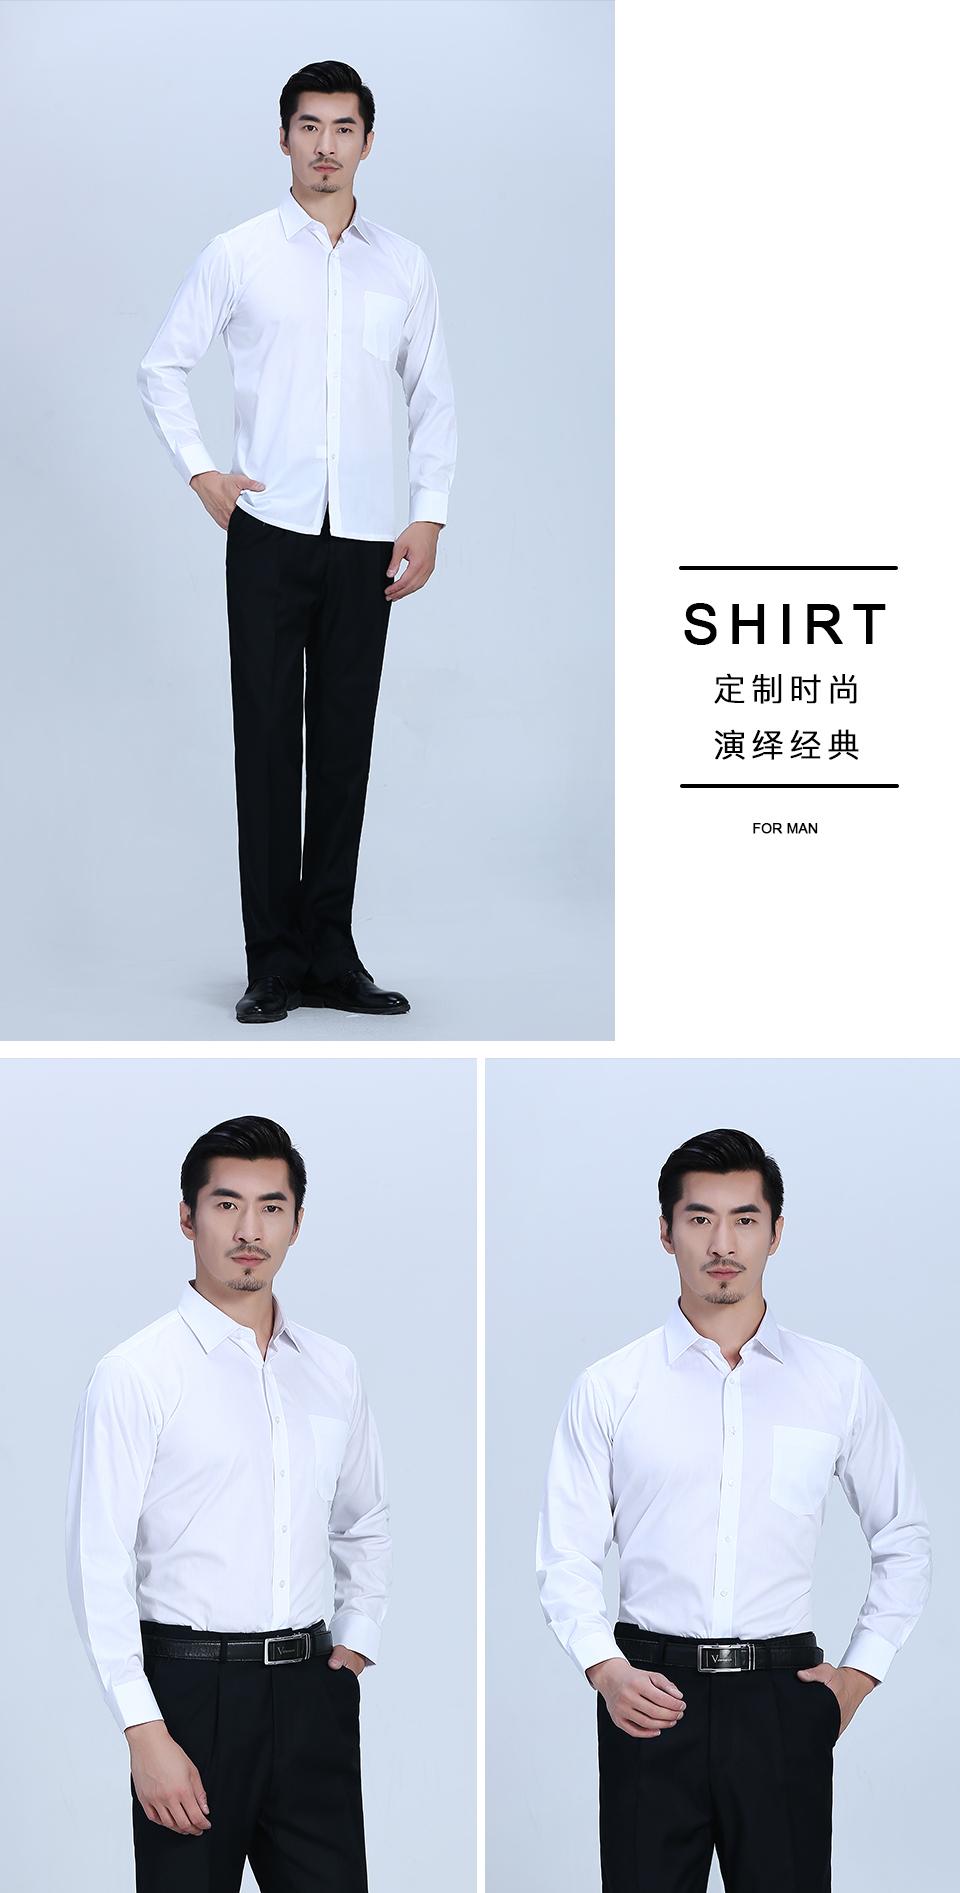 新款衬衫白色男白色正常款衬衫长袖衬衫